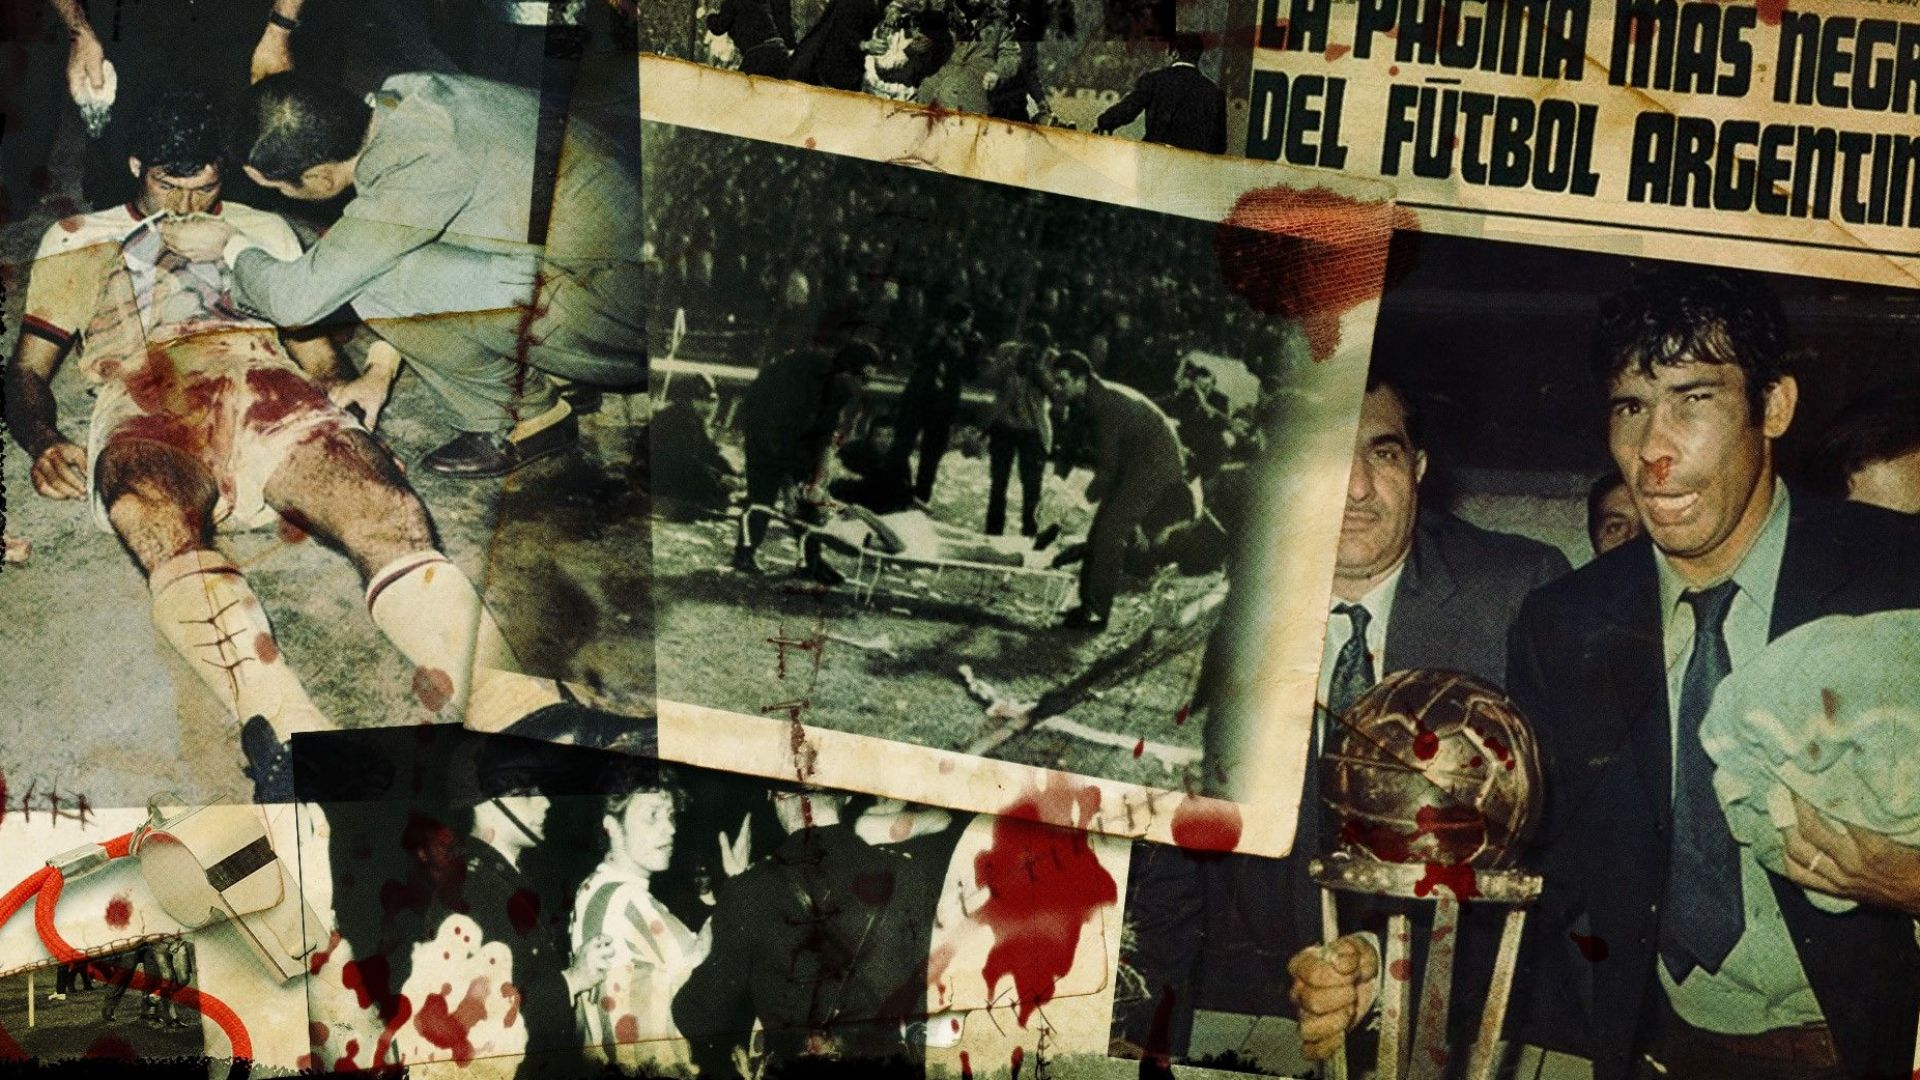 Трима в затвора и един обезобразен: 50 години от футболната касапница в Буенос Айрес